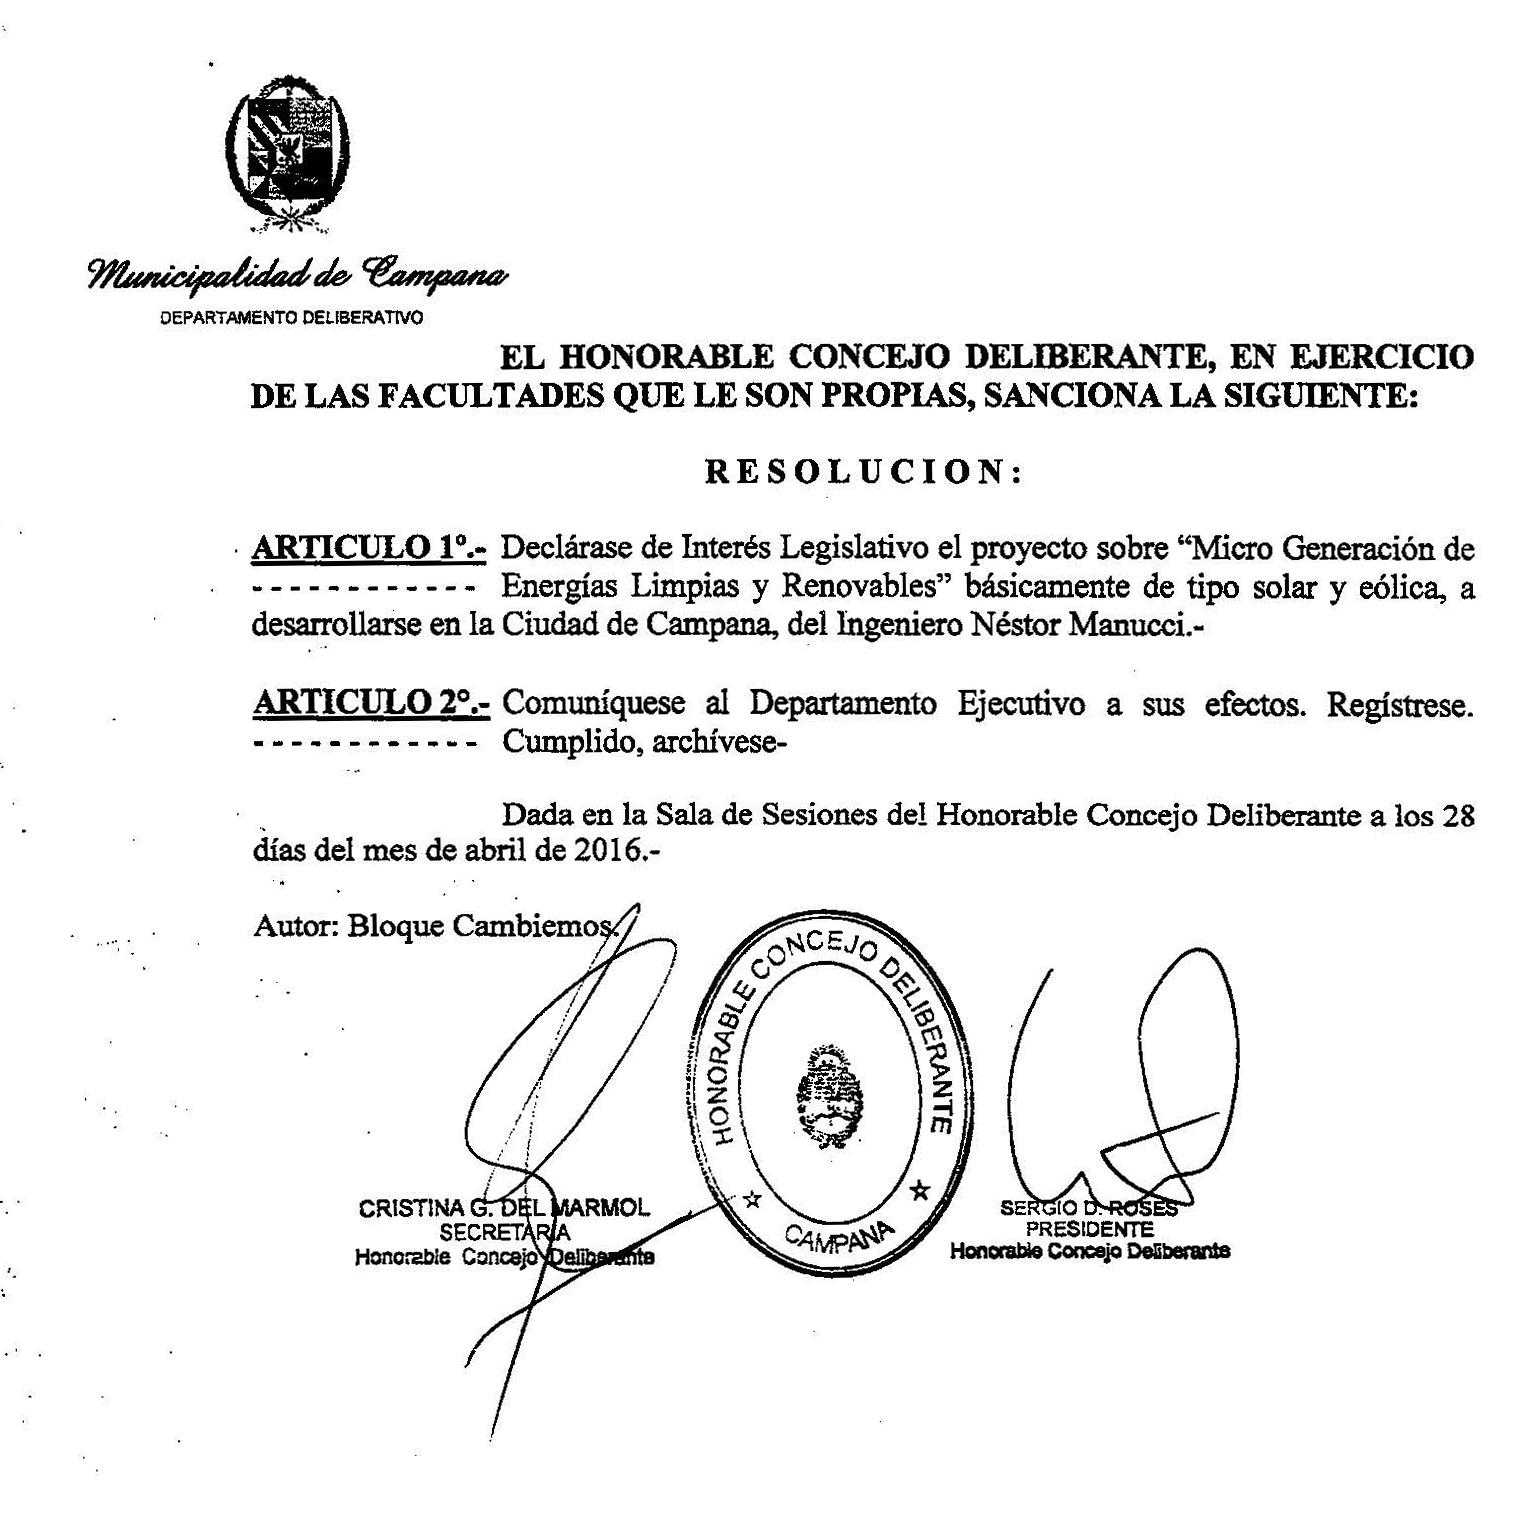 Interés Legislativo Proyecto de Microenergias Ciudad de Campana 2